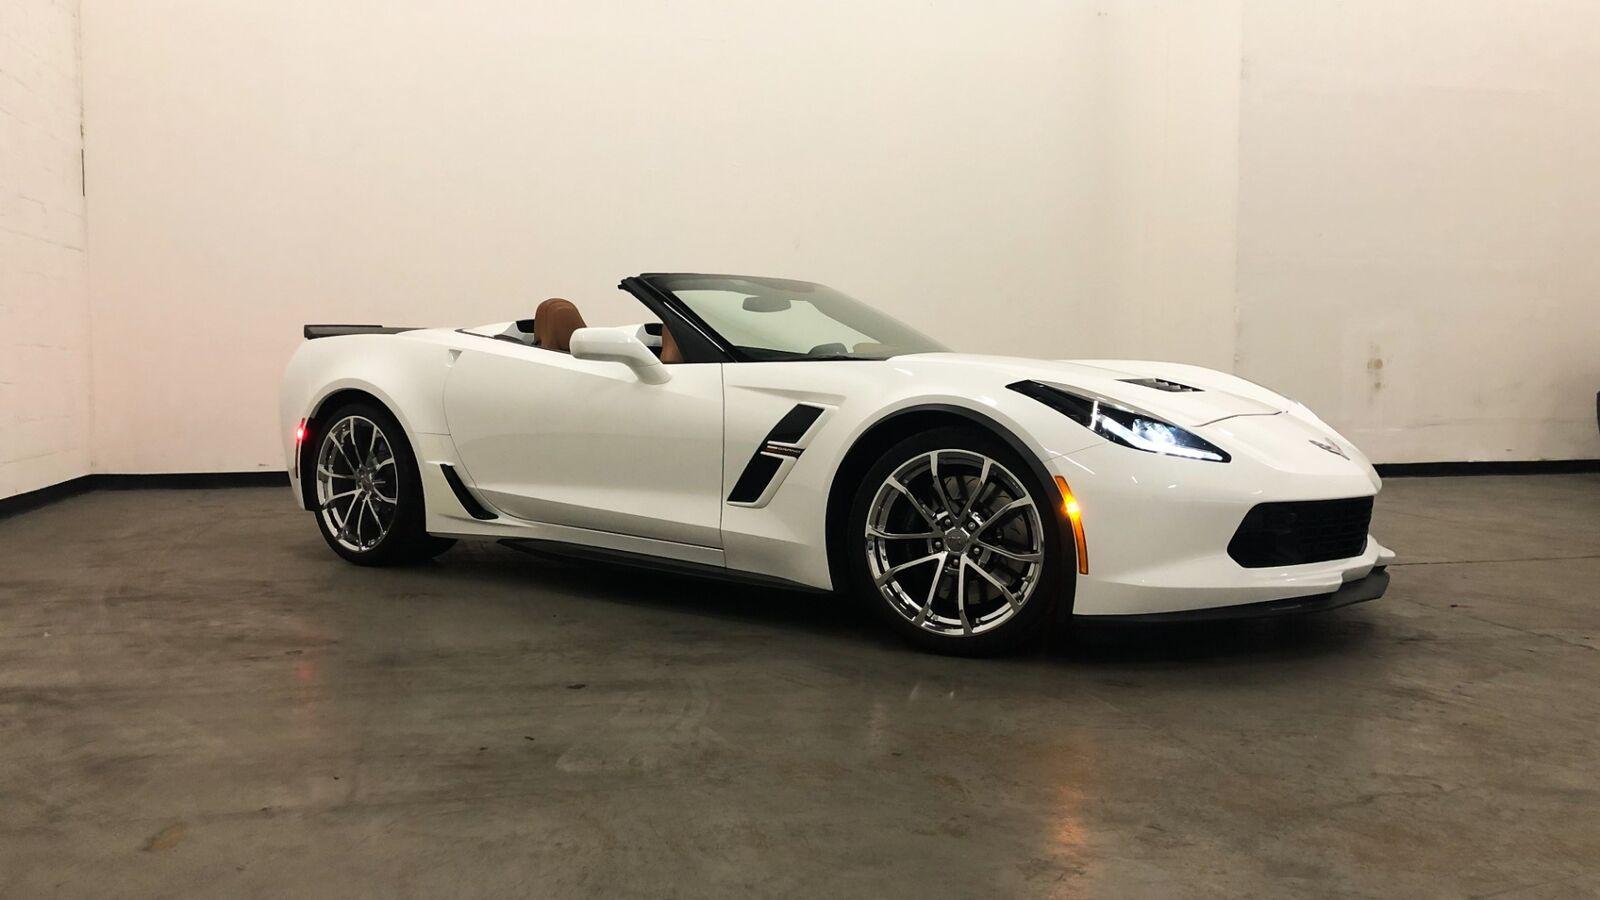 2018 White Chevrolet Corvette Grand Sport 2LT | C7 Corvette Photo 6